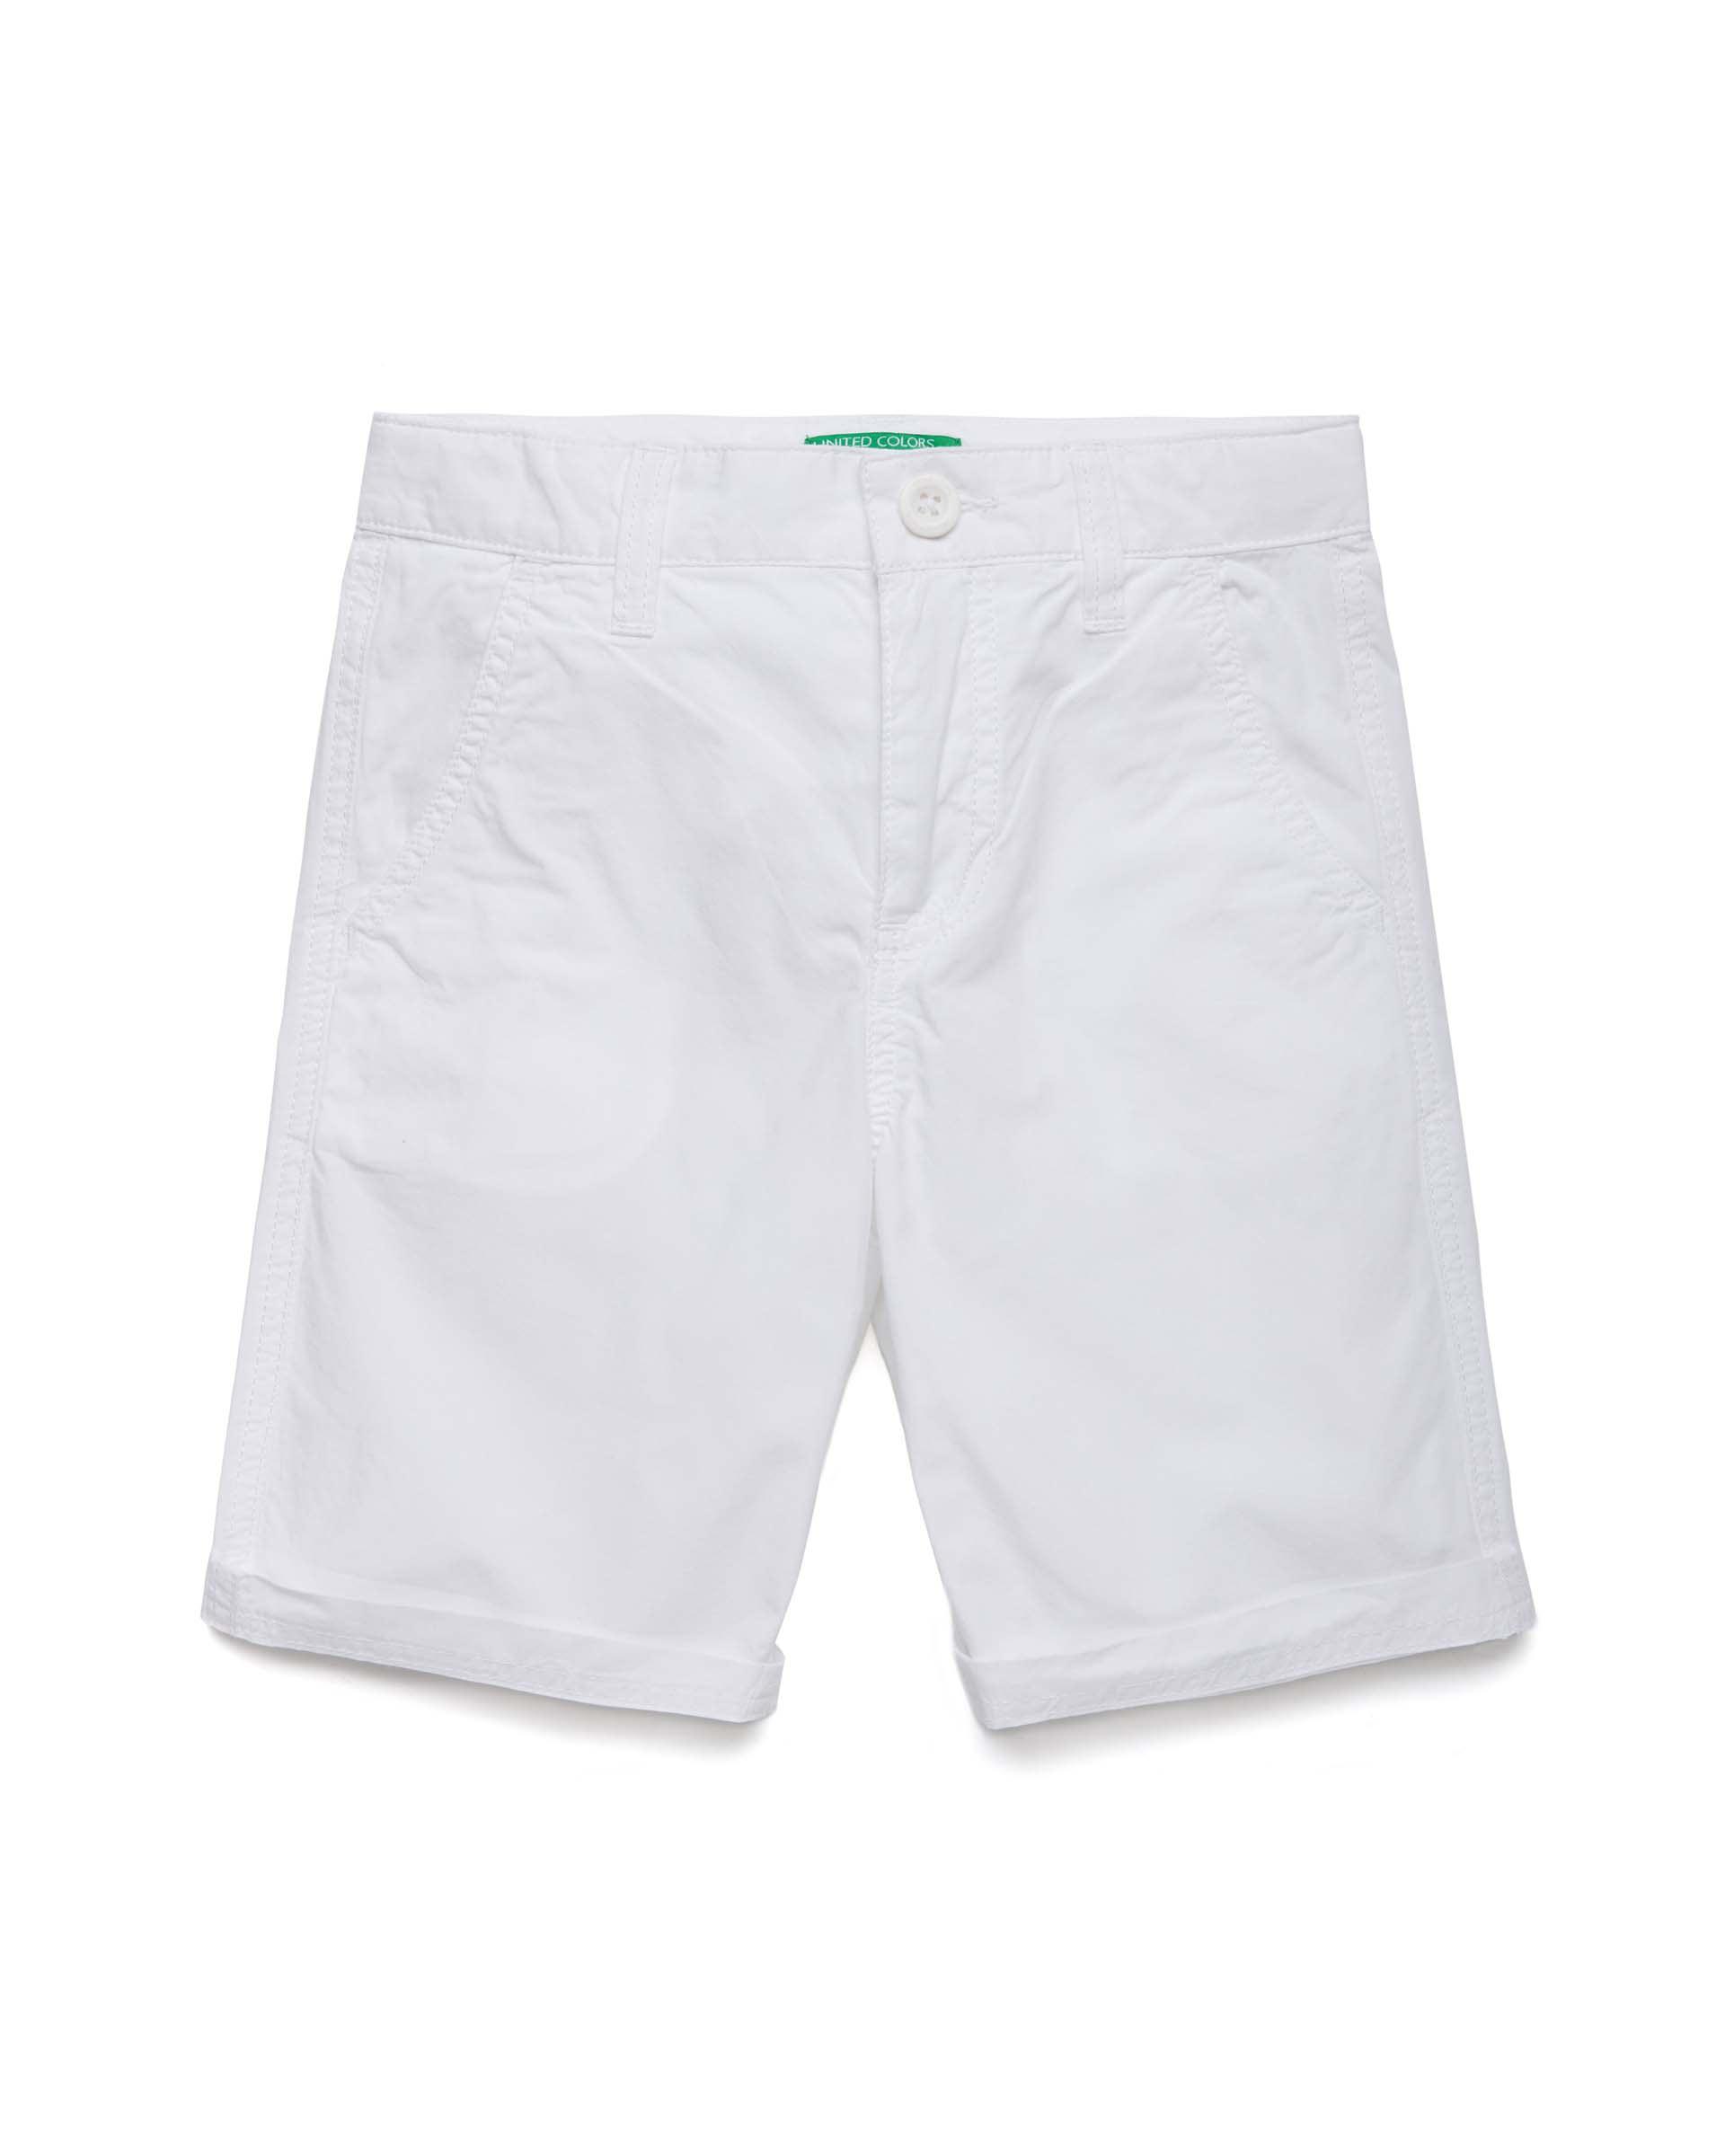 Купить 20P_4AC759270_101, Шорты для мальчиков Benetton 4AC759270_101 р-р 140, United Colors of Benetton